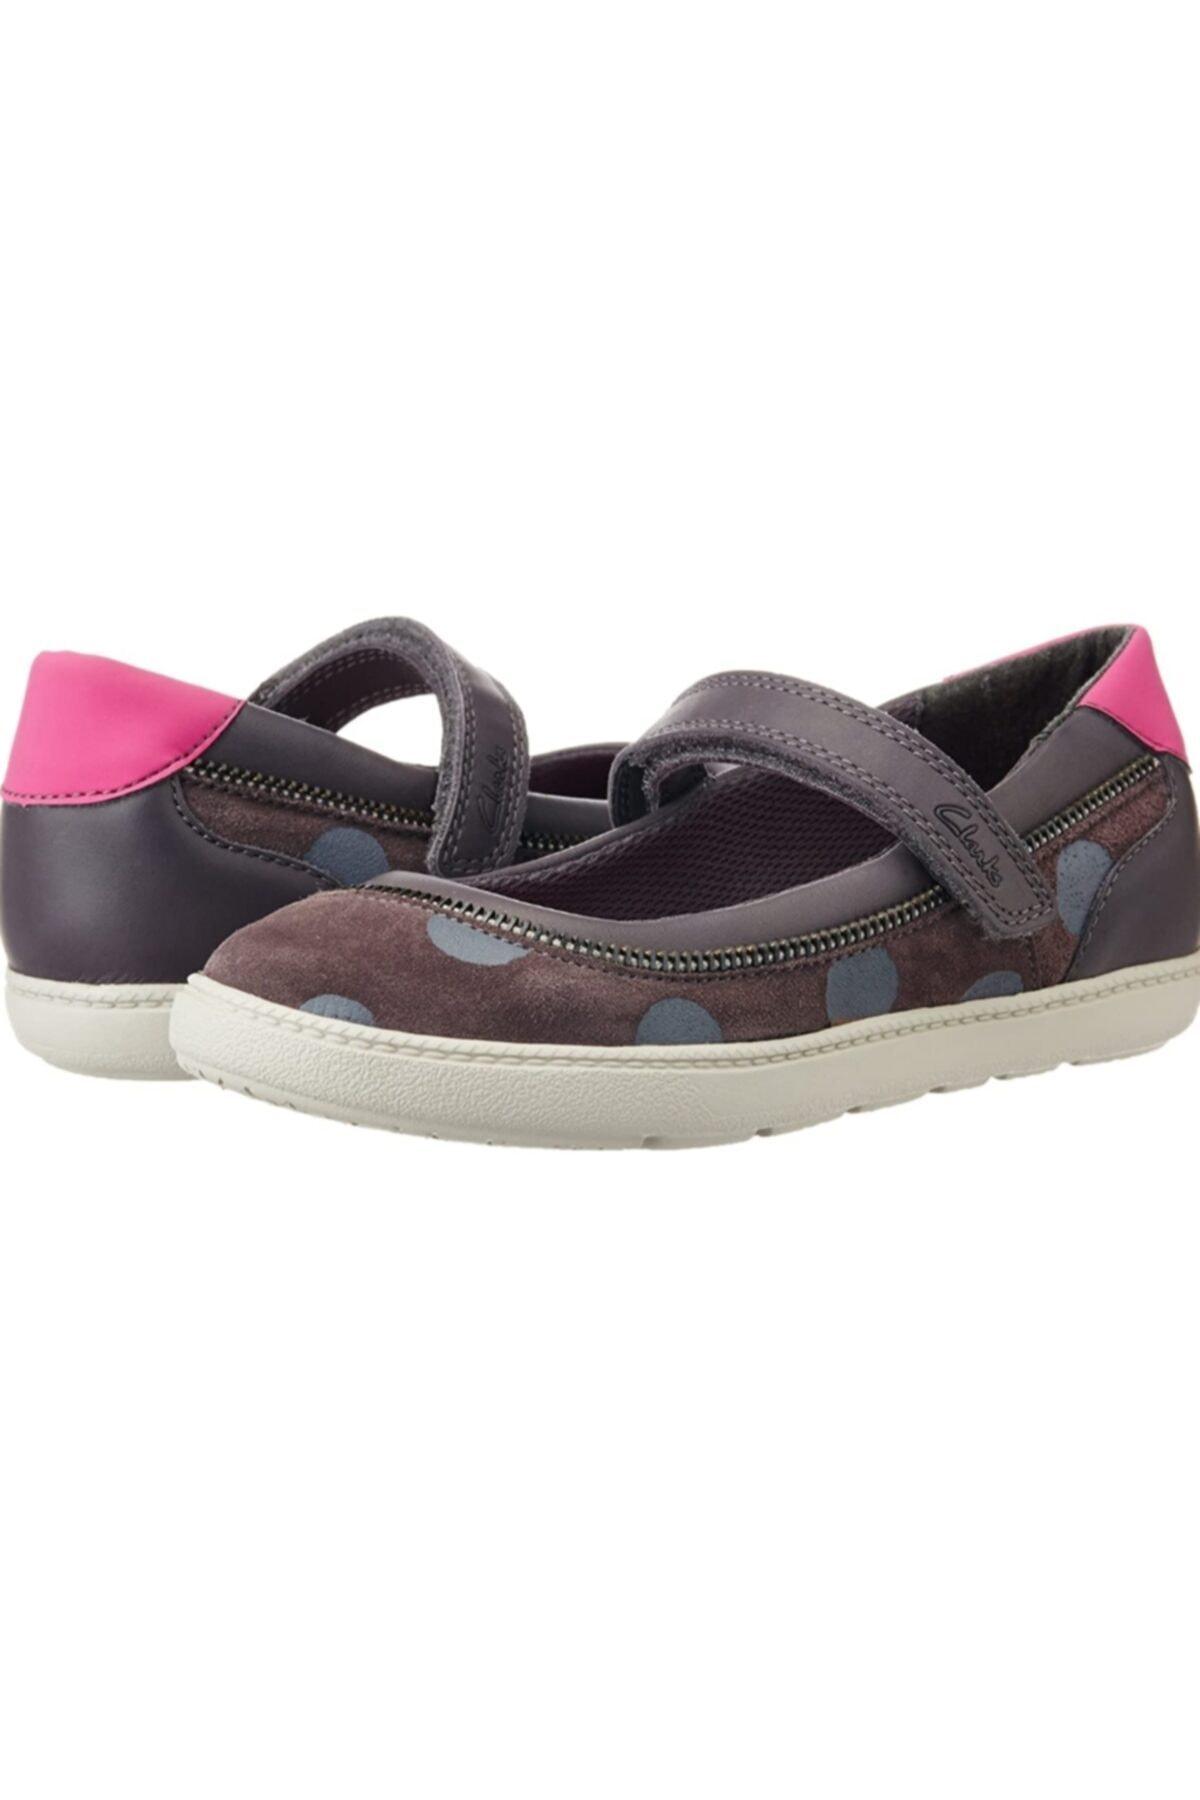 CLARKS Kız Zita Mary Çağdaş Mary-jane Tarzı Babet Ayakkabı 1